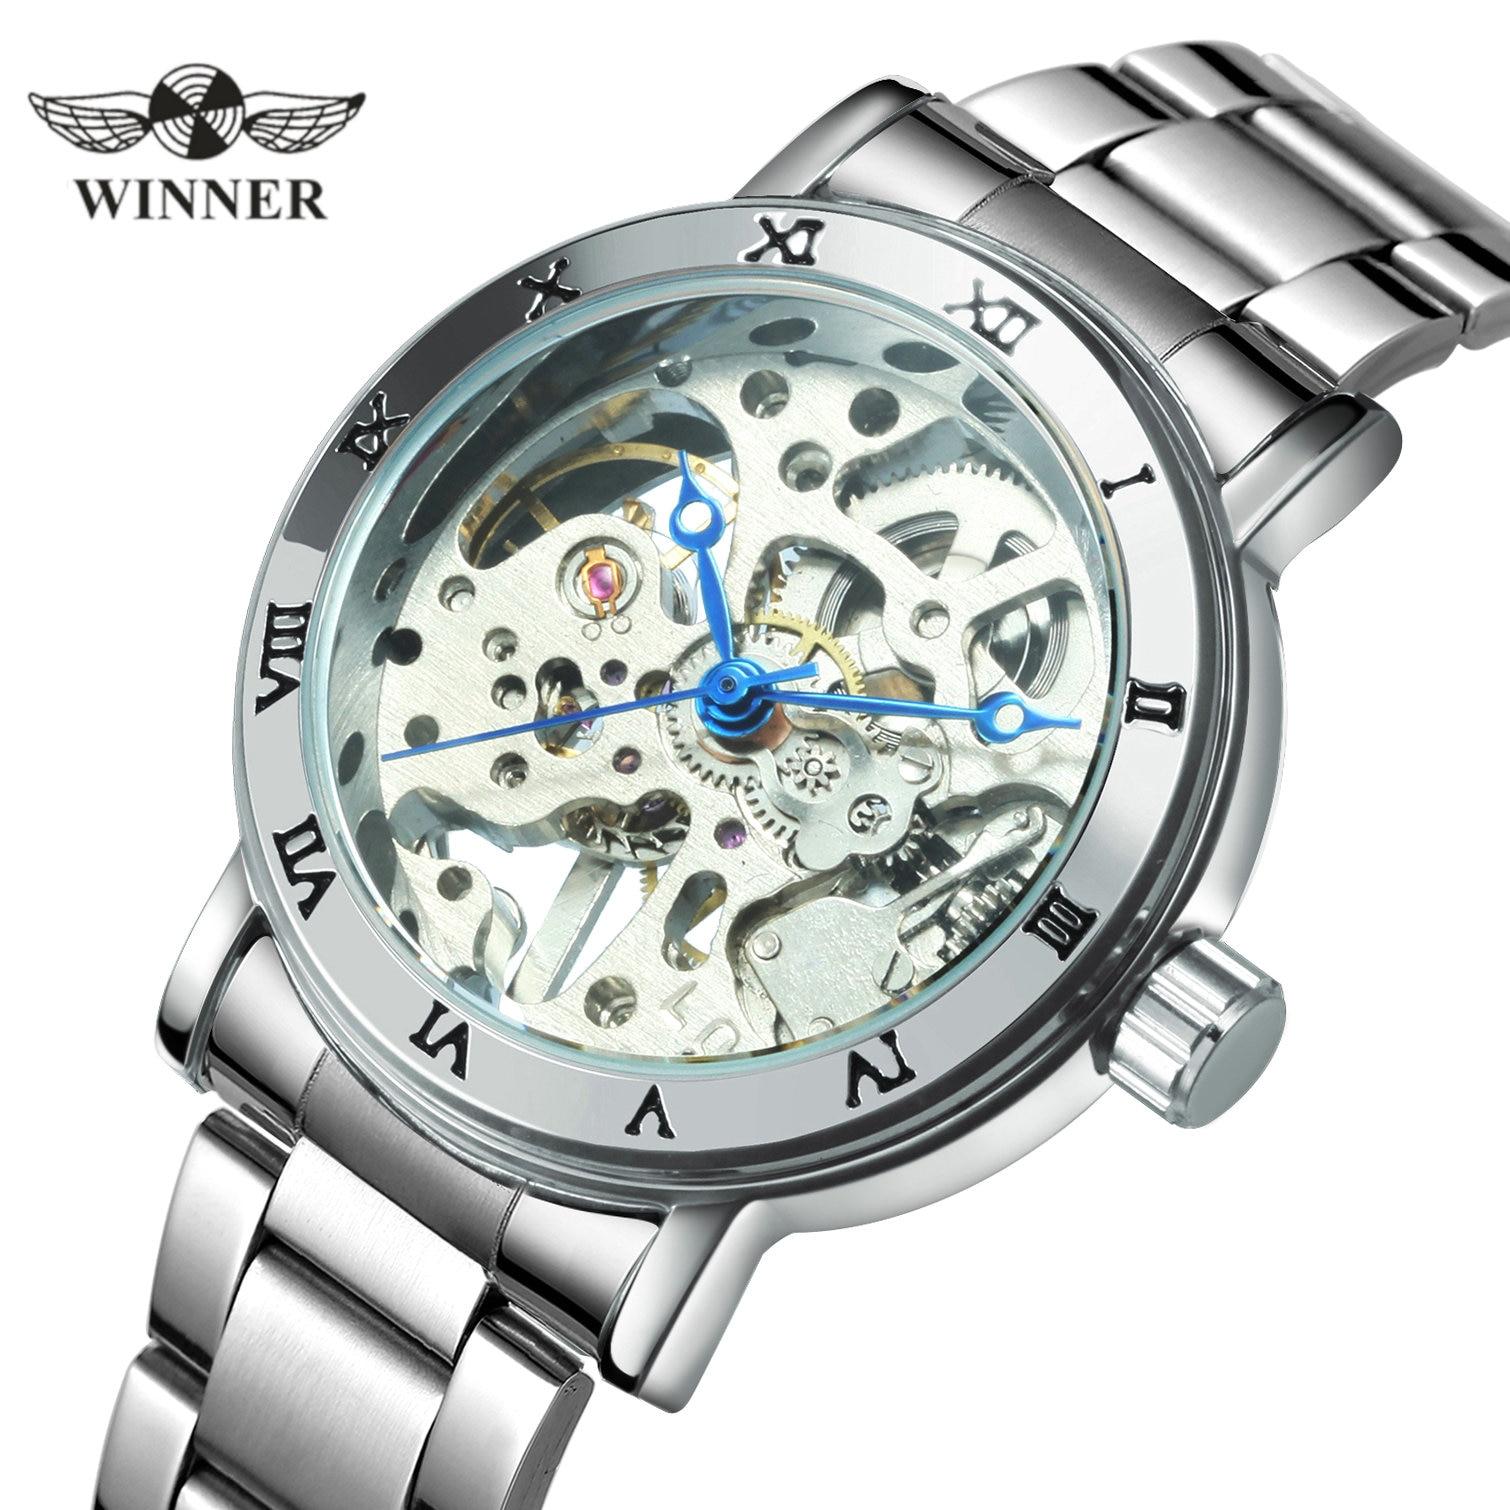 WINNER-relojes oficiales para mujer, reloj mecánico de esqueleto de lujo, reloj sencillo informal con correa de acero, reloj de pulsera elegante para mujer